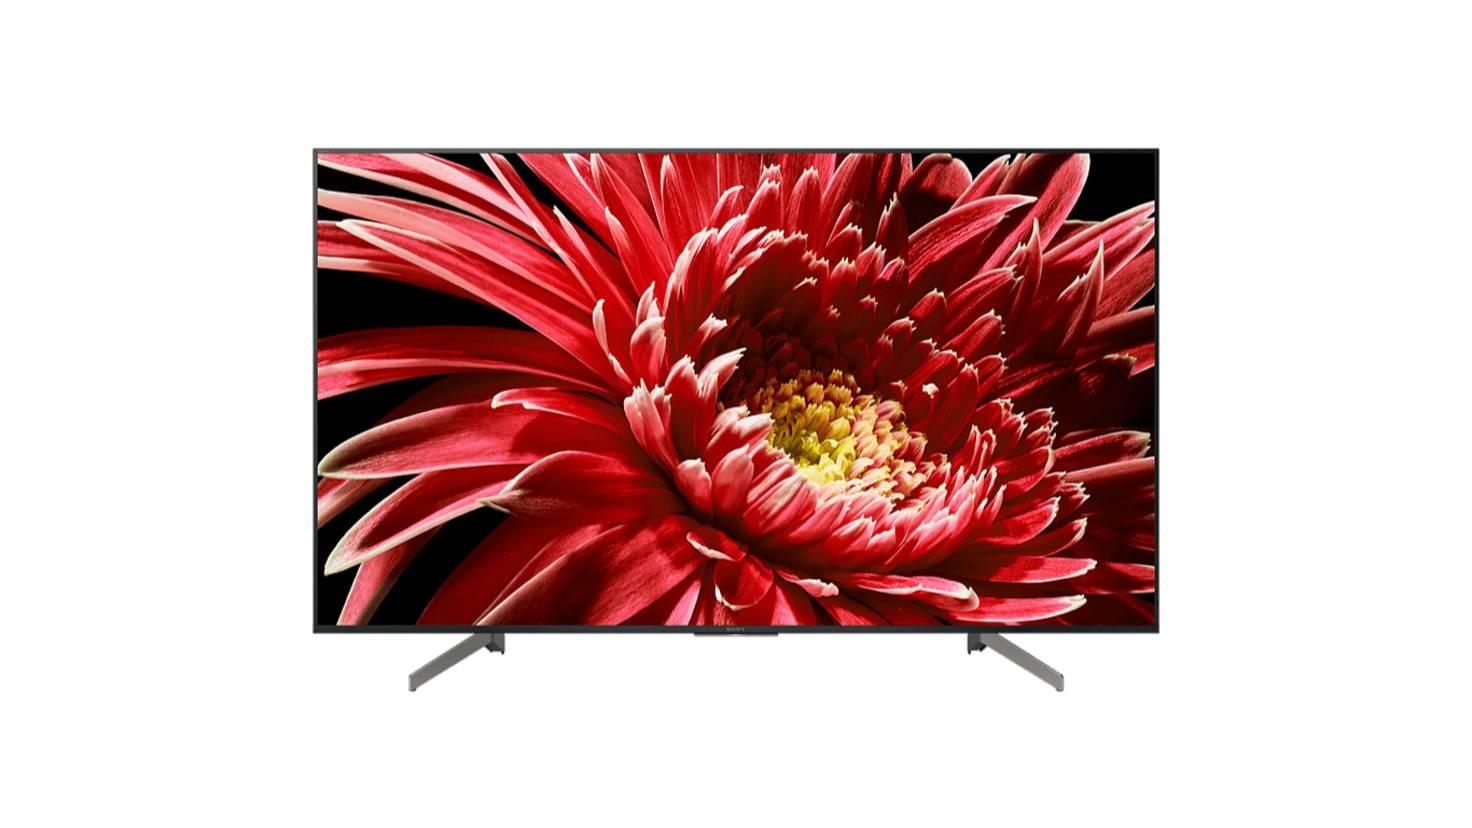 Sony-TV-KD-75XG8505